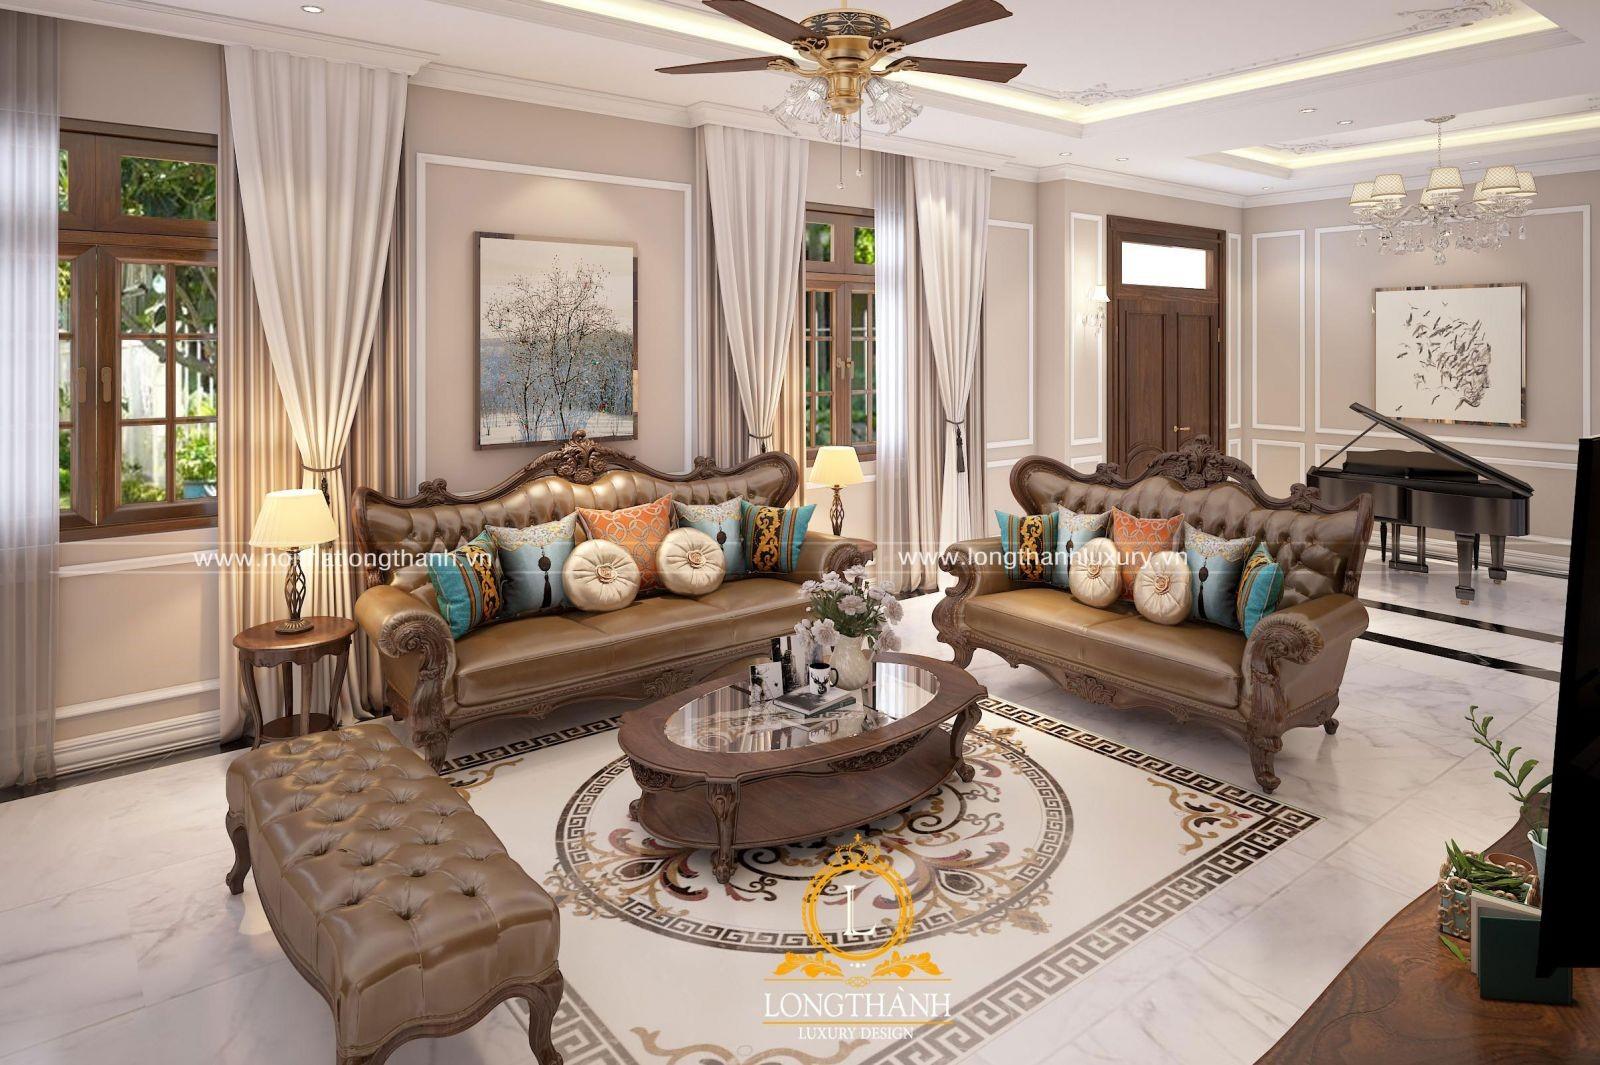 Mẫu thiết kế nội thất tân cổ điển đep cho phòng khách